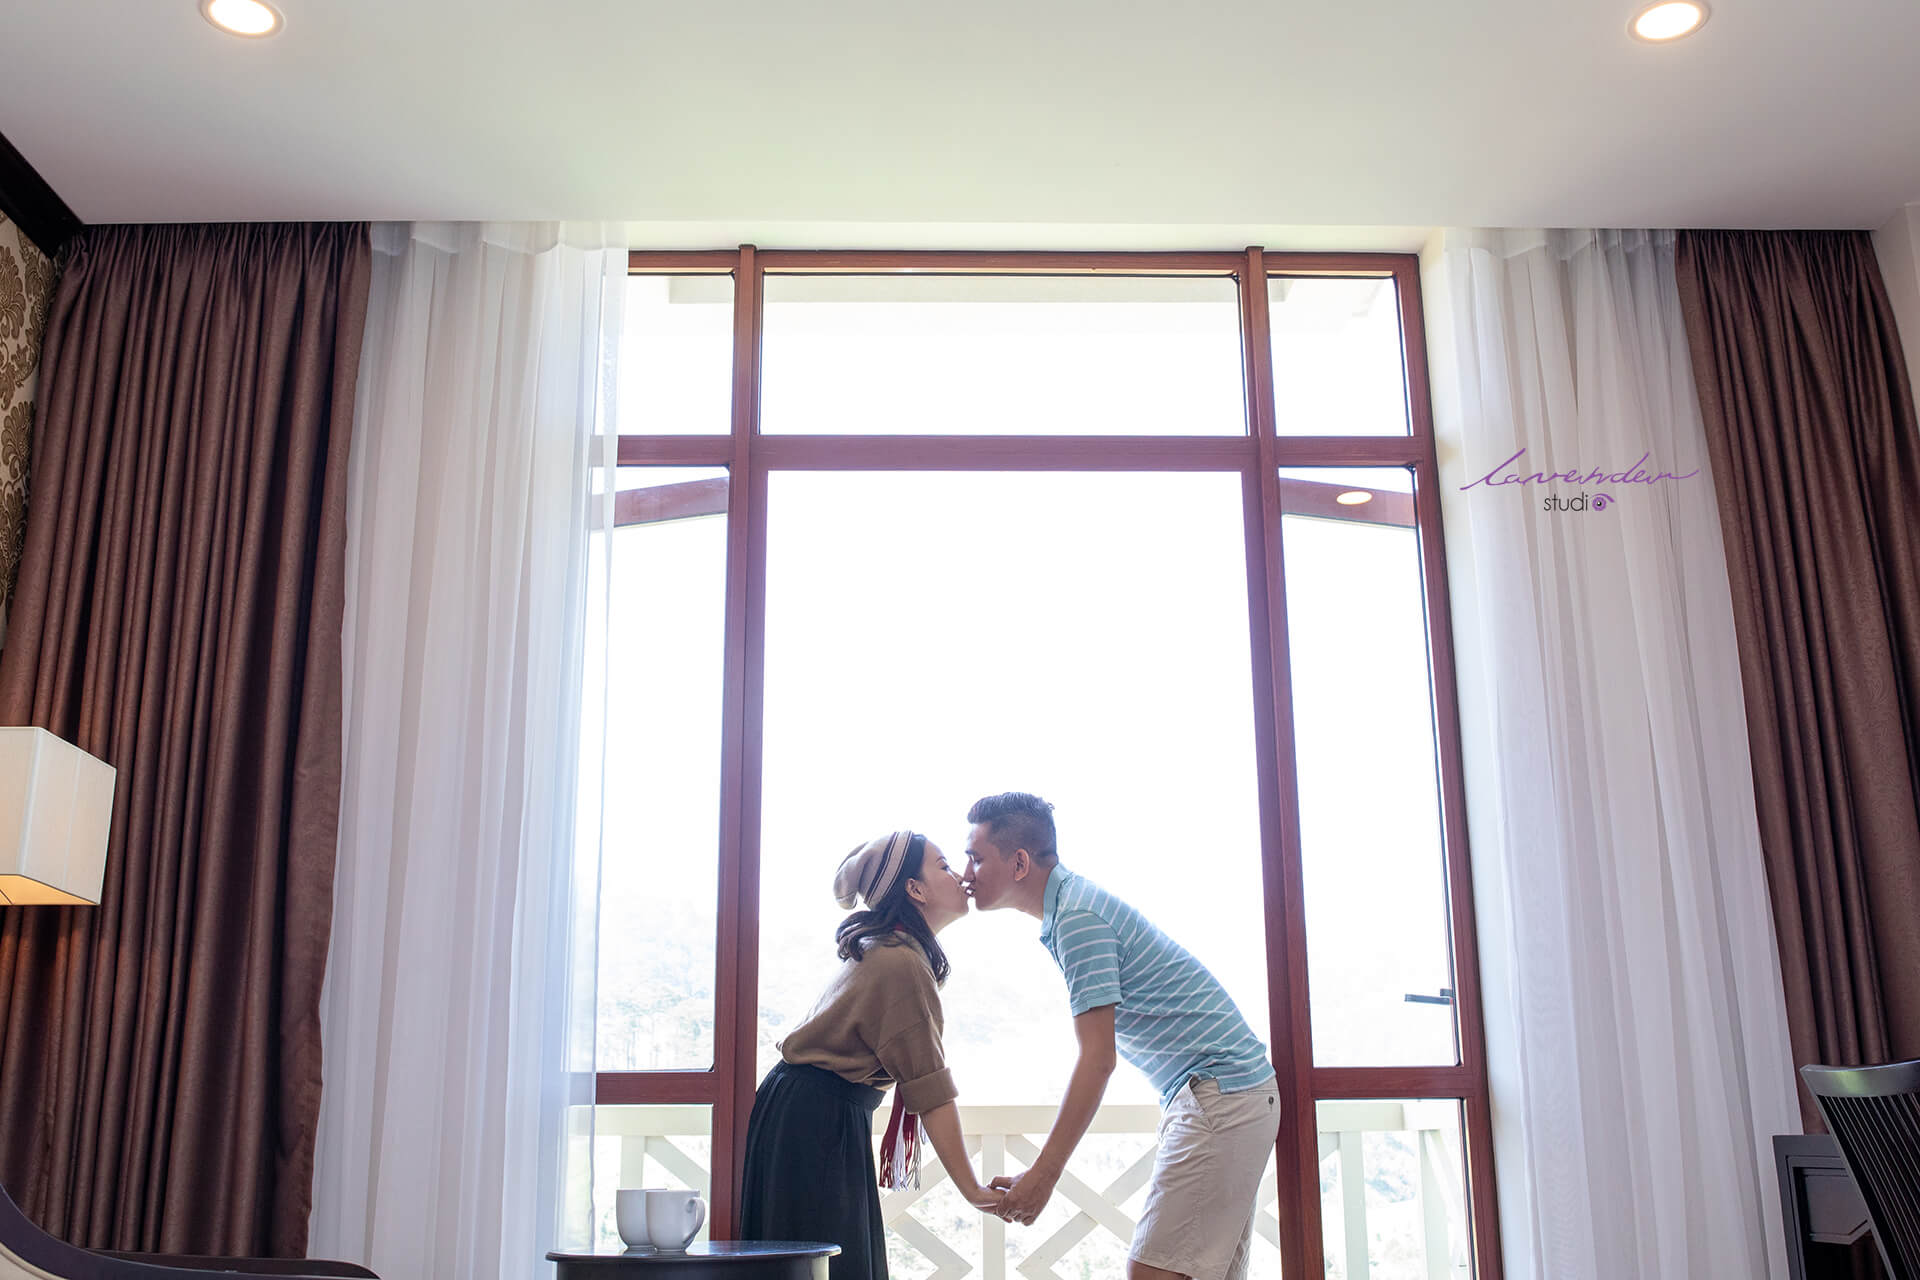 phim trường chụp hình cưới tại Đà Lạt lavender studio